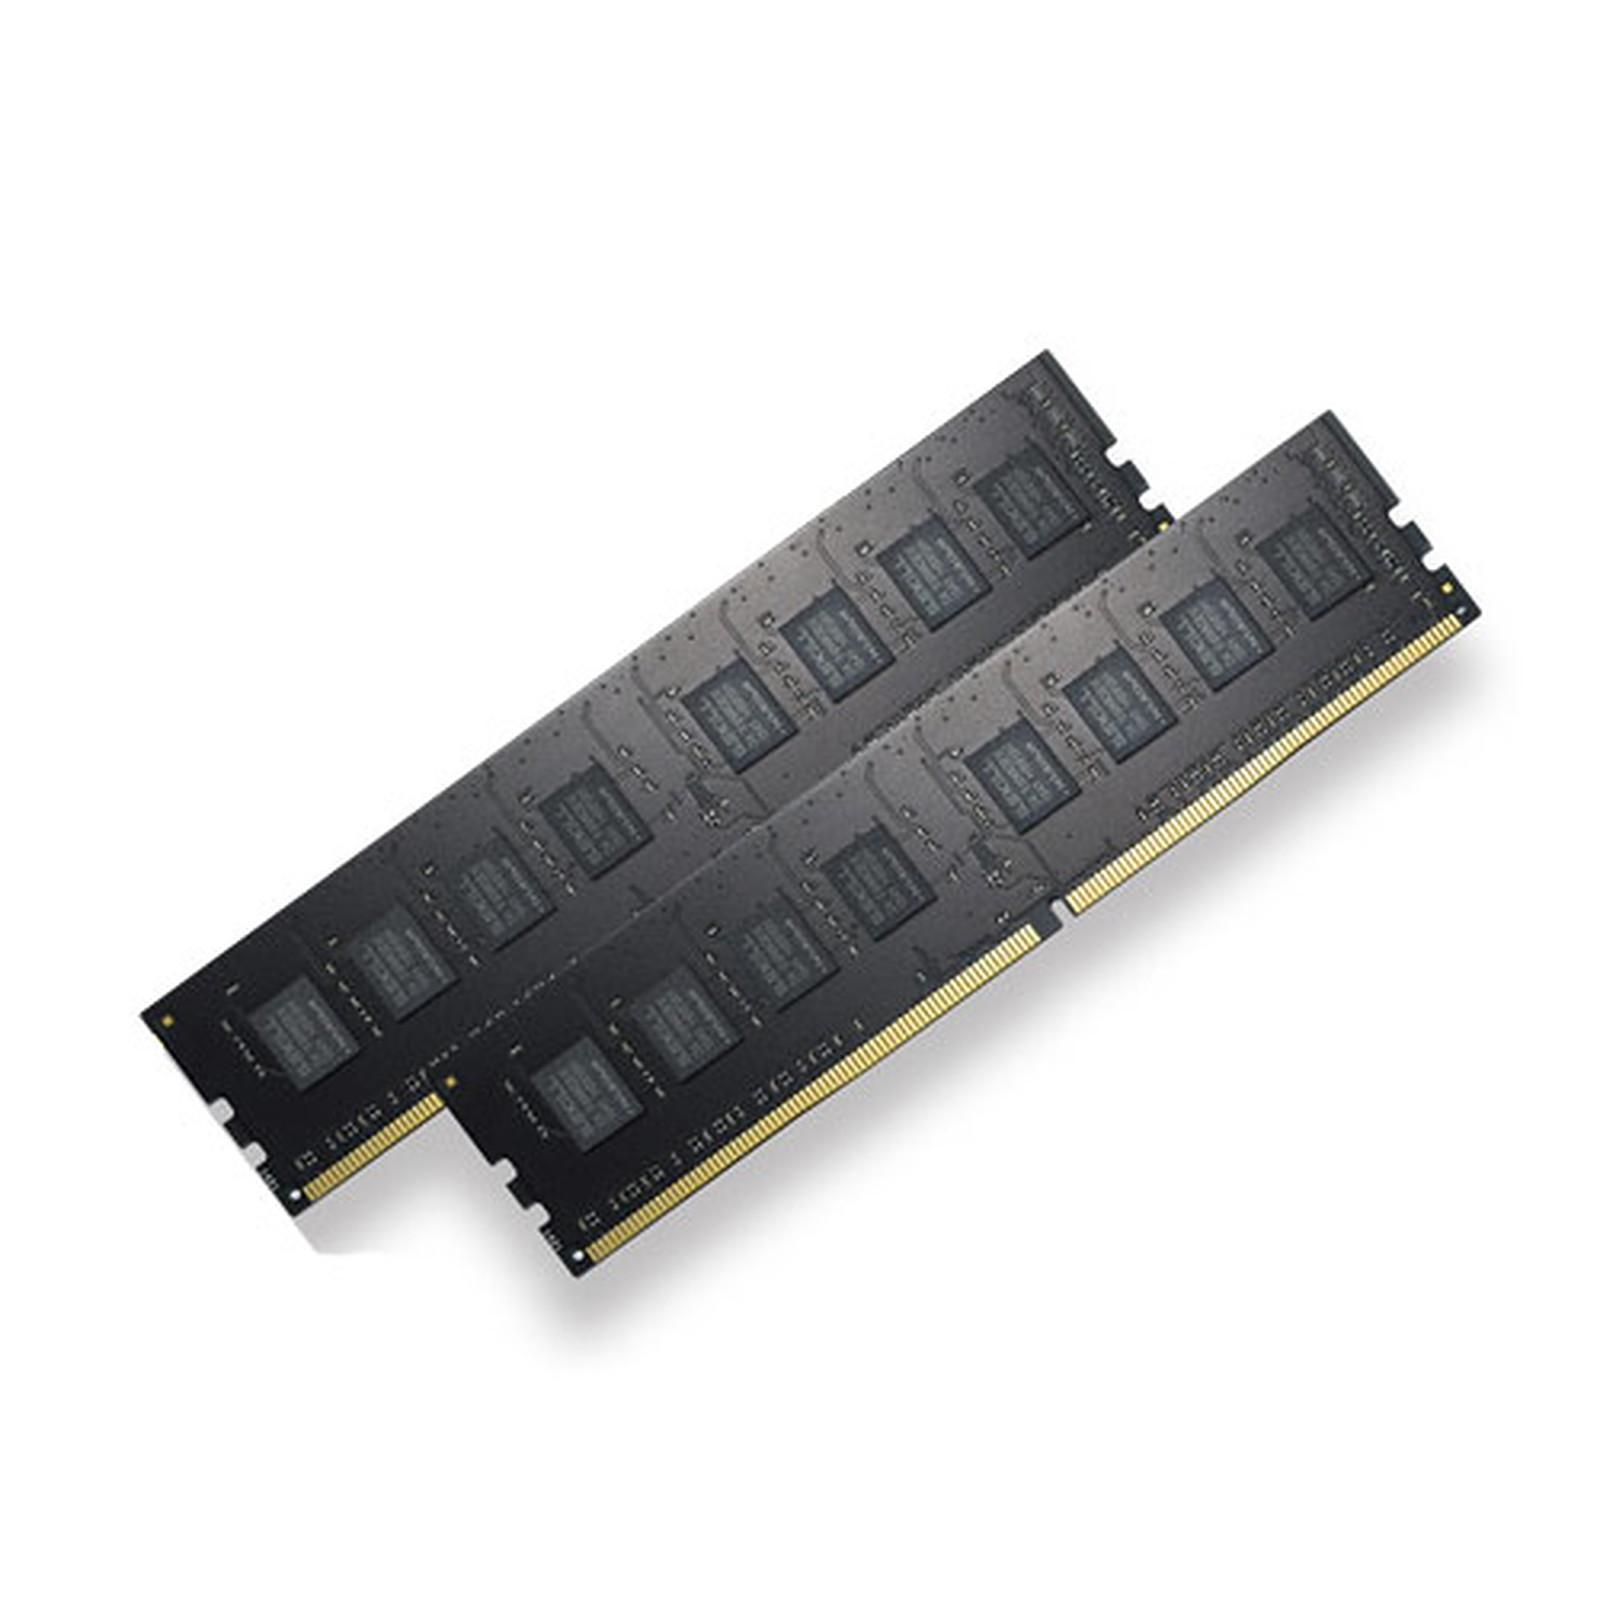 G.Skill RipJaws 4 Series 8 Go (2x 4 Go) DDR4 2400 MHz CL17